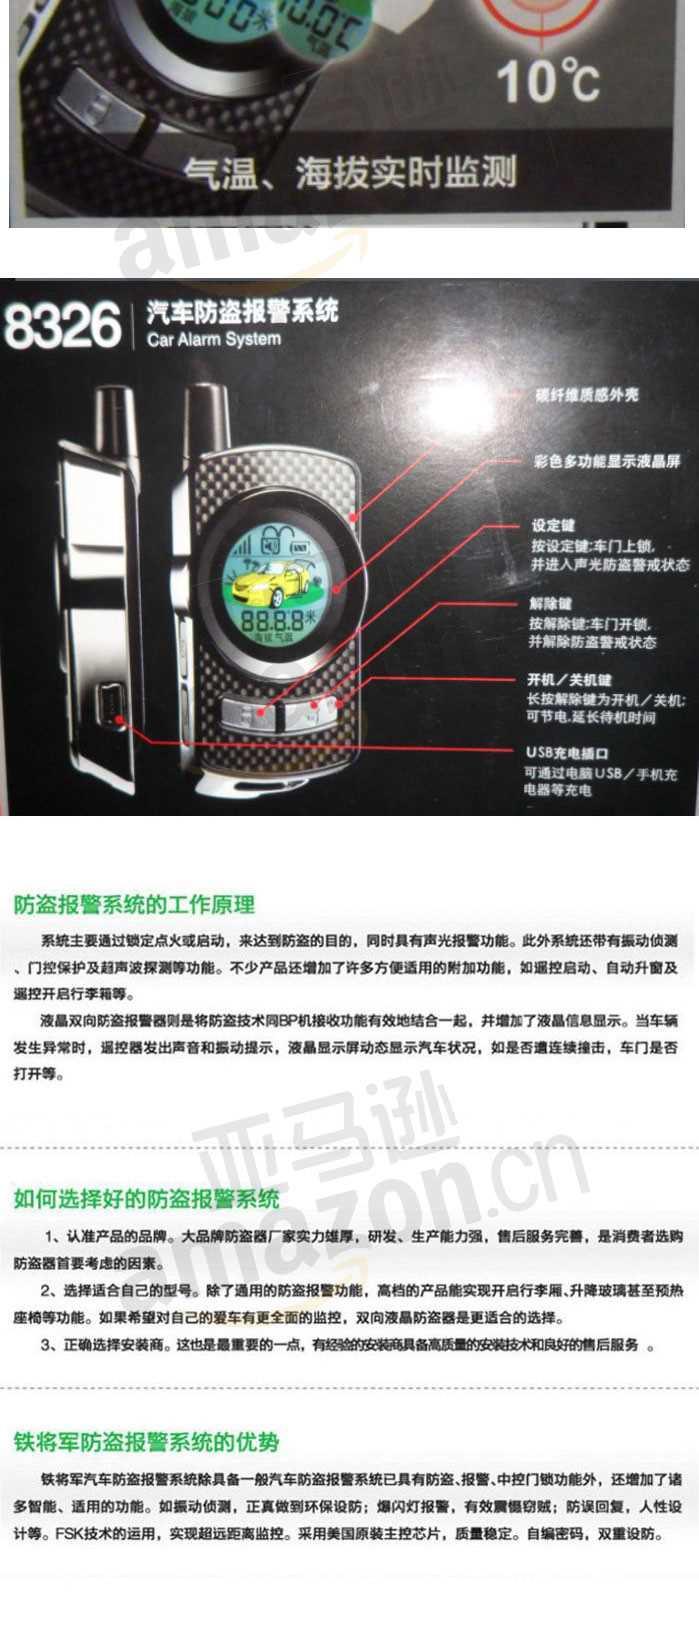 回至 铁将军 王者8326汽车防盗报警系统(液晶显示,气温 海拔实时监测)